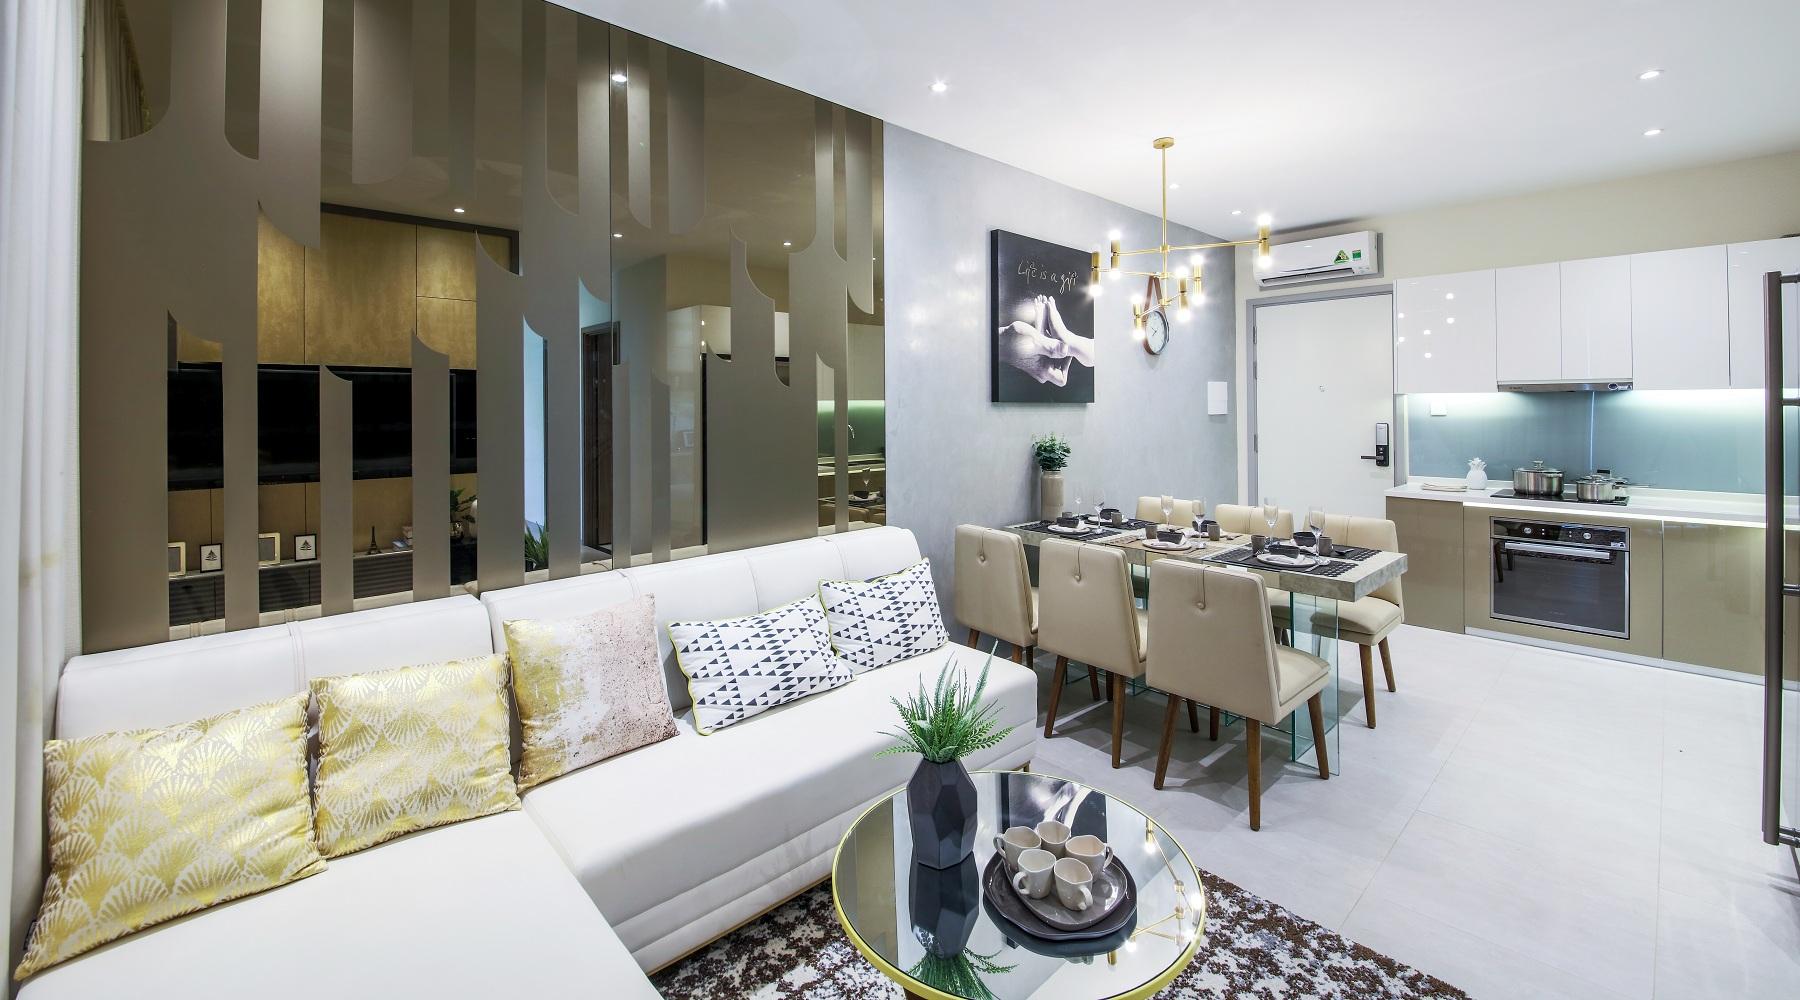 Cách chạy marketing bán căn hộ chung cư